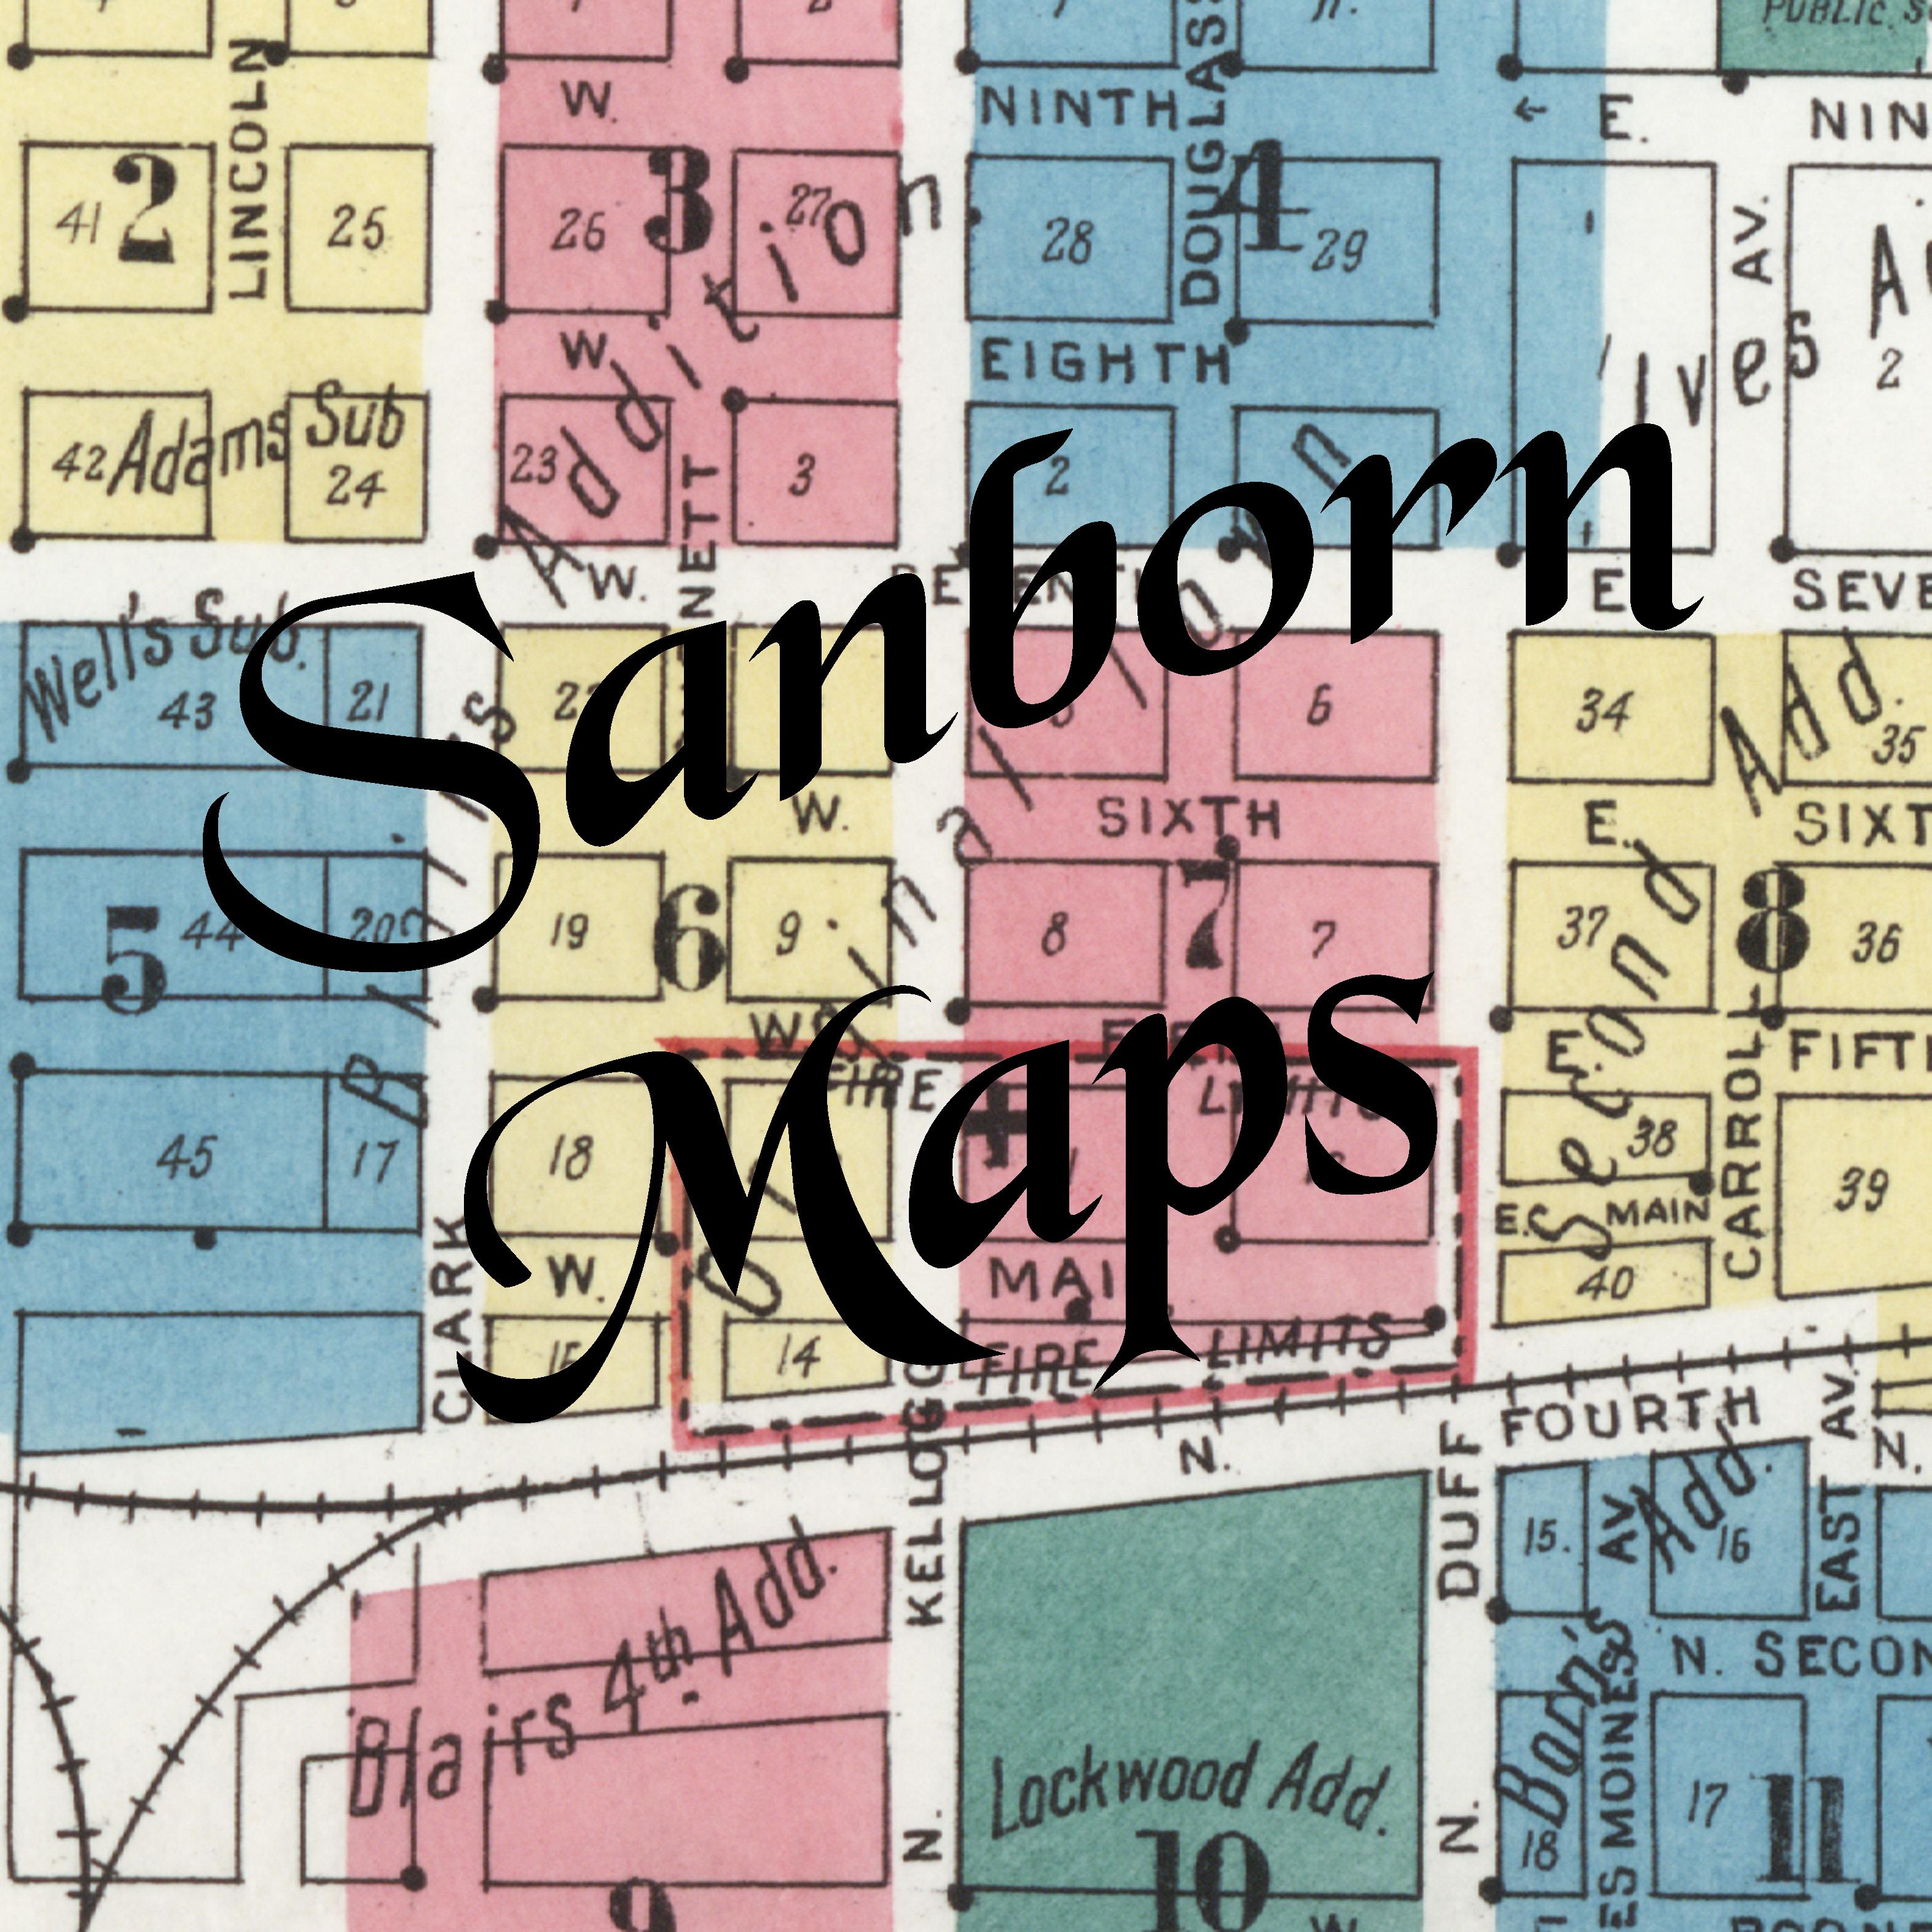 sanborn maps icon.jpg